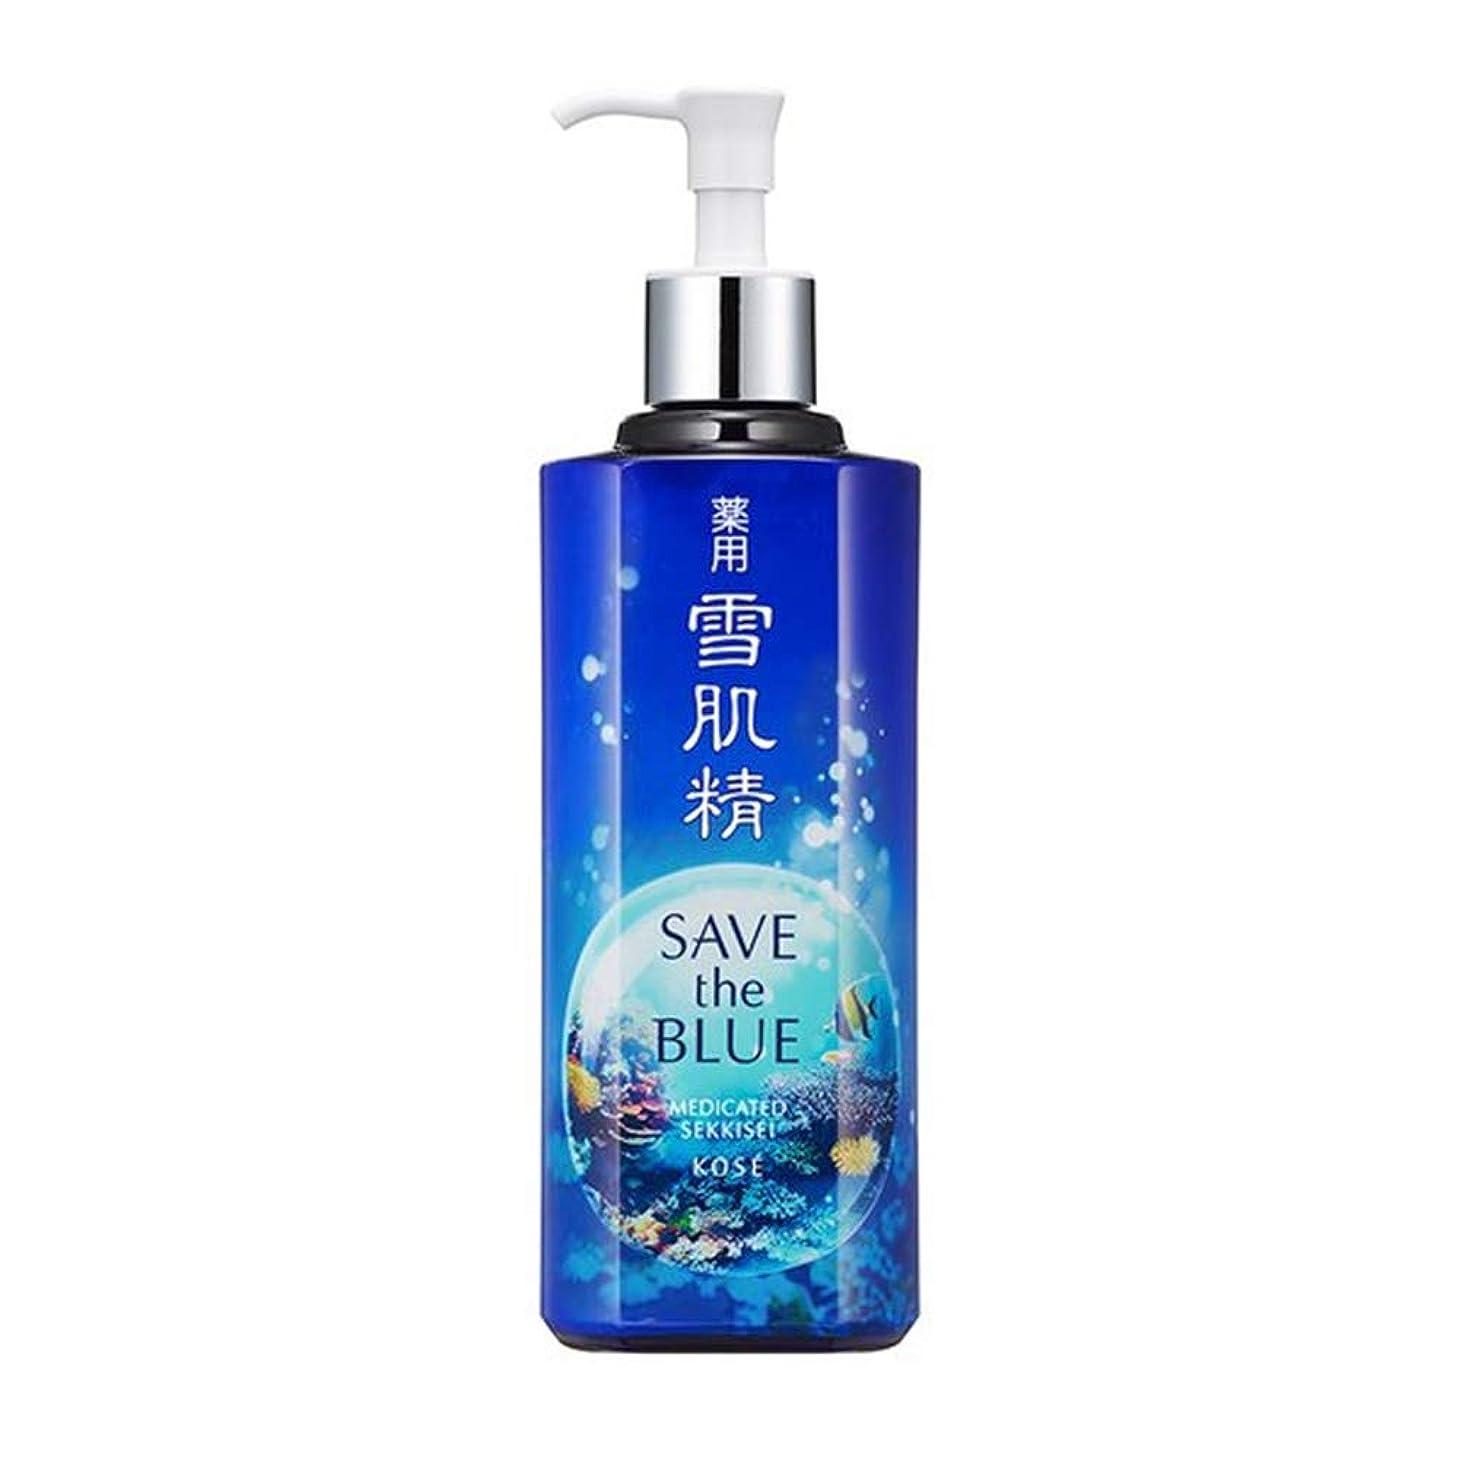 ペパーミント滴下曲線コーセー 雪肌精 「SAVE the BLUE」デザインボトル(みずみずしいタイプ) 500ml【2019限定】